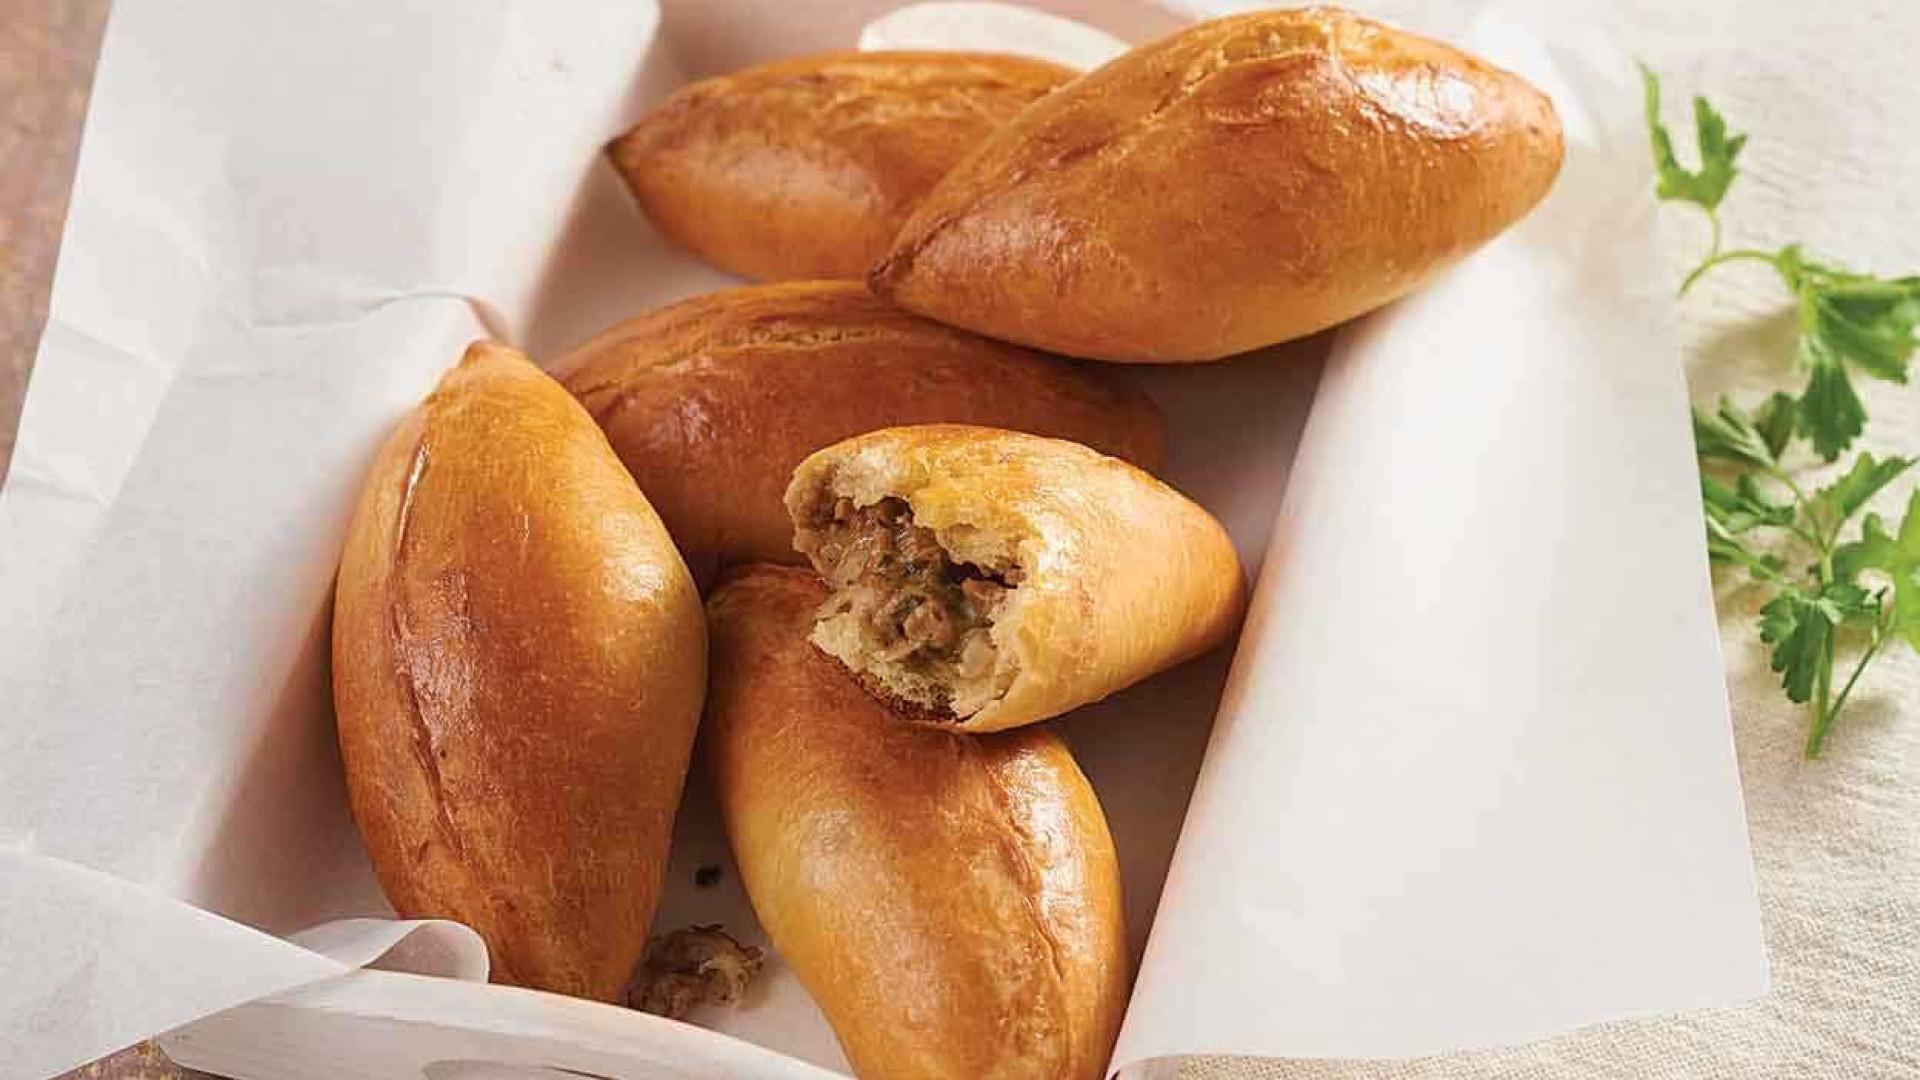 Faça um piroshki, um tipo de empanada russa